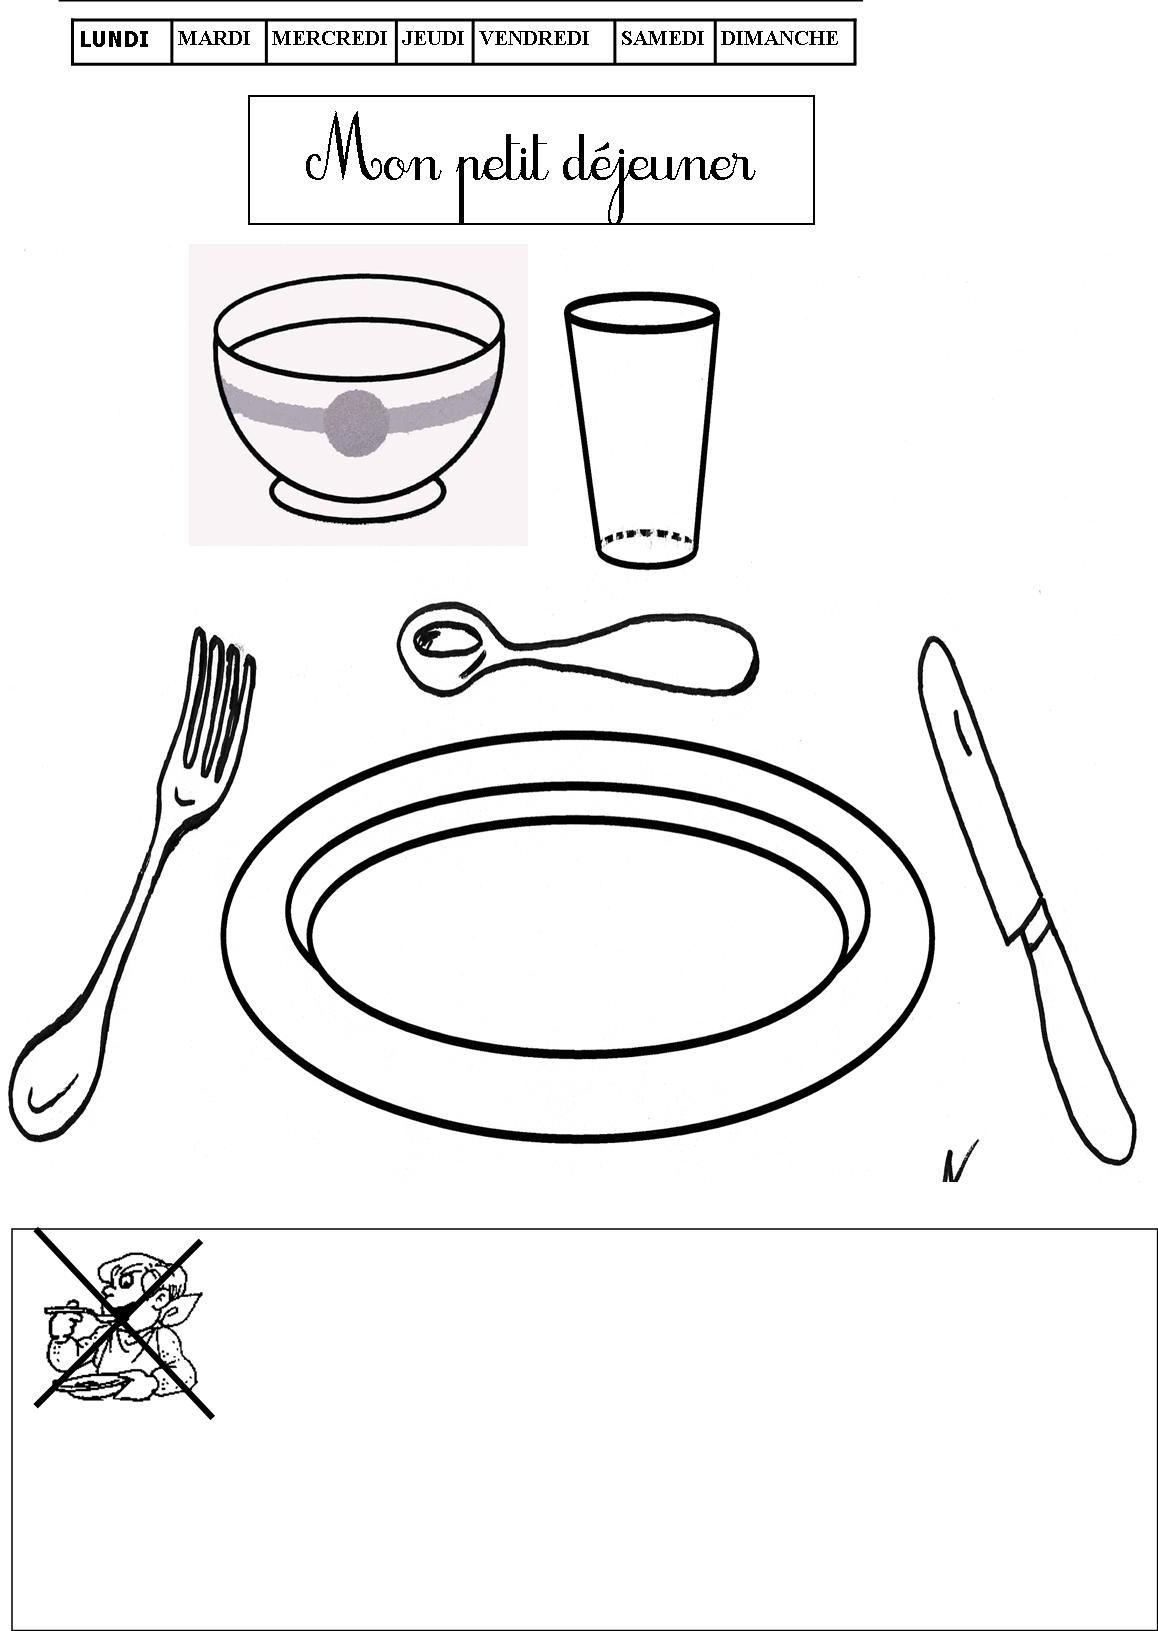 Dossier 16 Fiches Sur L Alimentation L Equilibre Alimentaire Petit Dejeuner Fruits Et Legumes